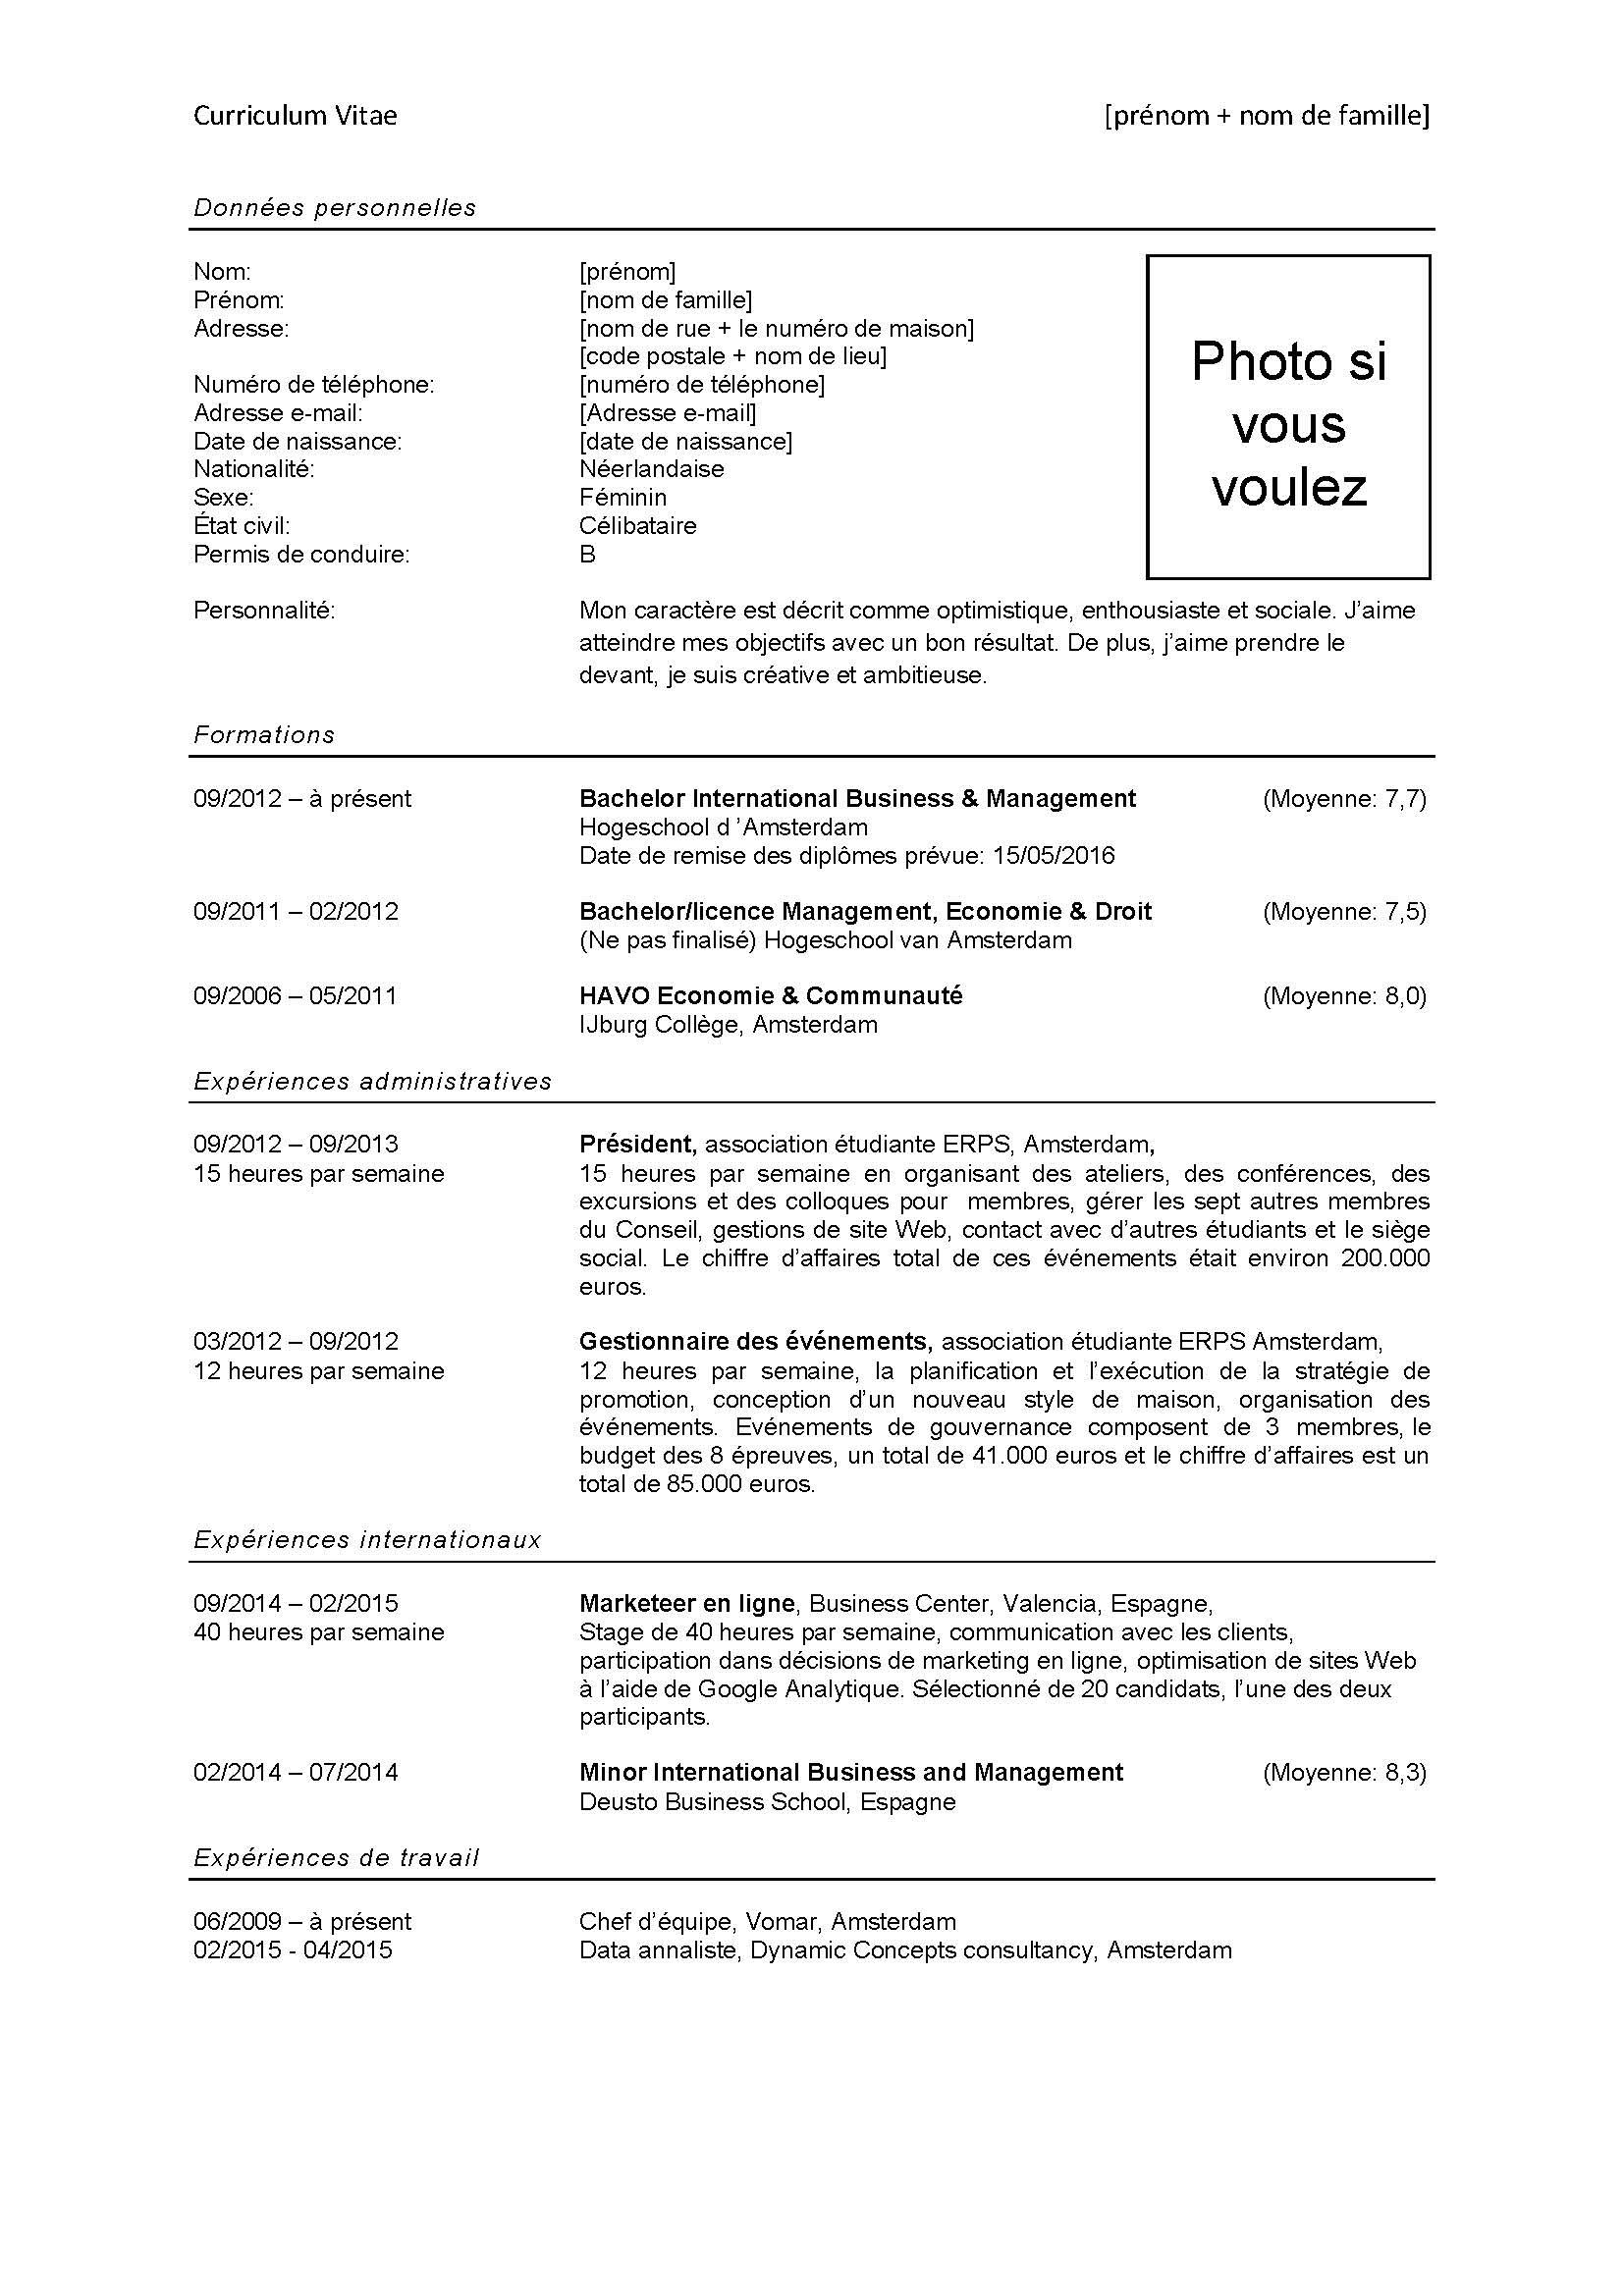 Voorbeeld Curriculum Vitae Frans Sollicitatieblog